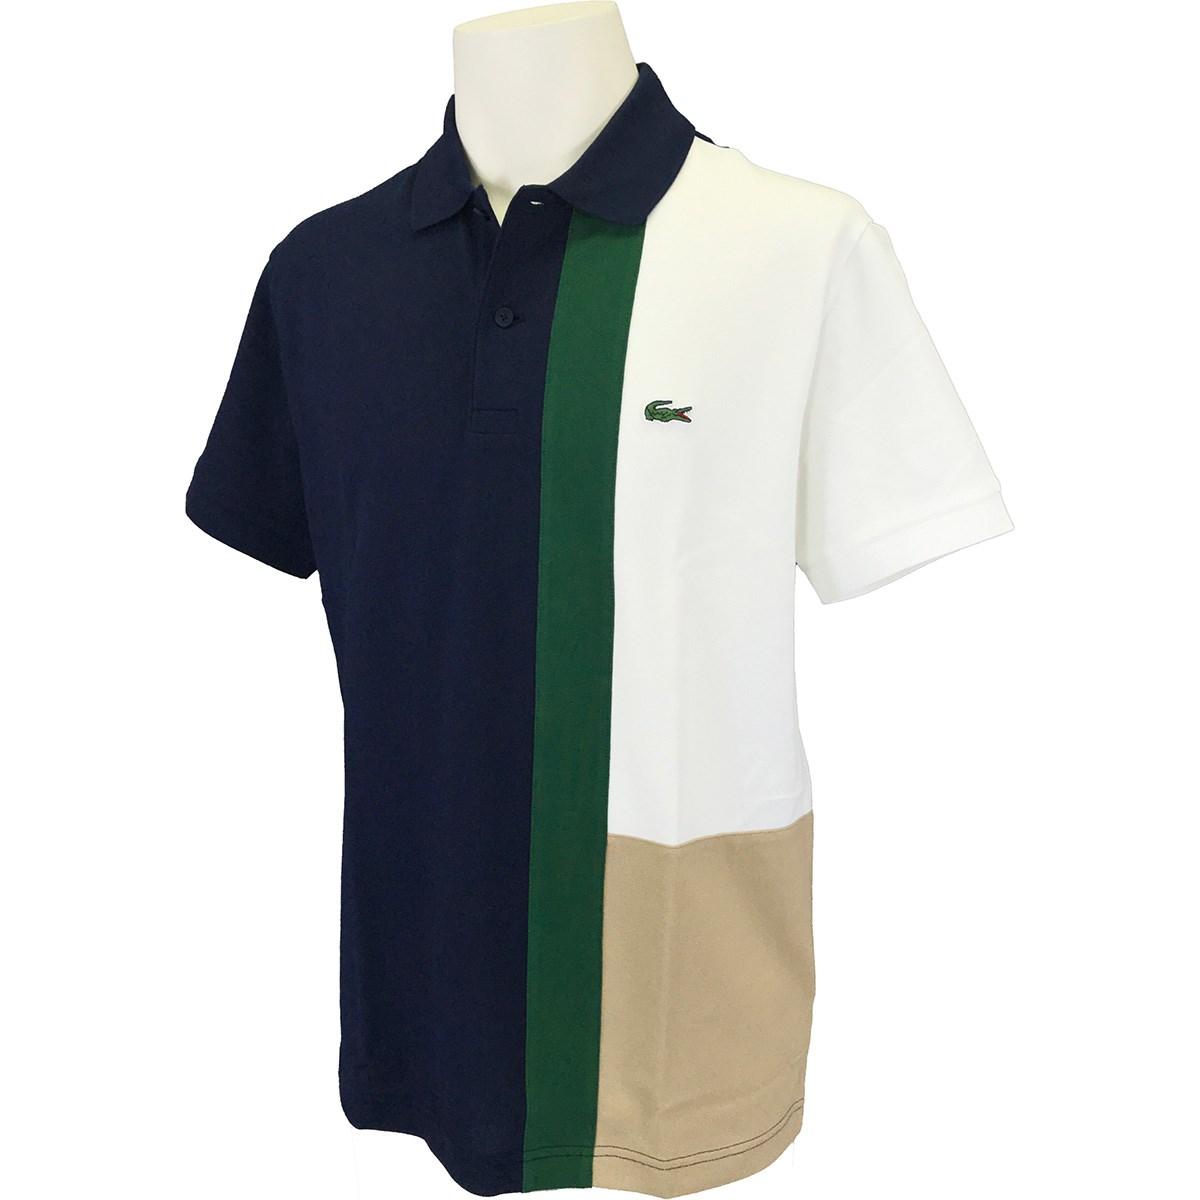 ラコステ フロントパネル配色 半袖ポロシャツ